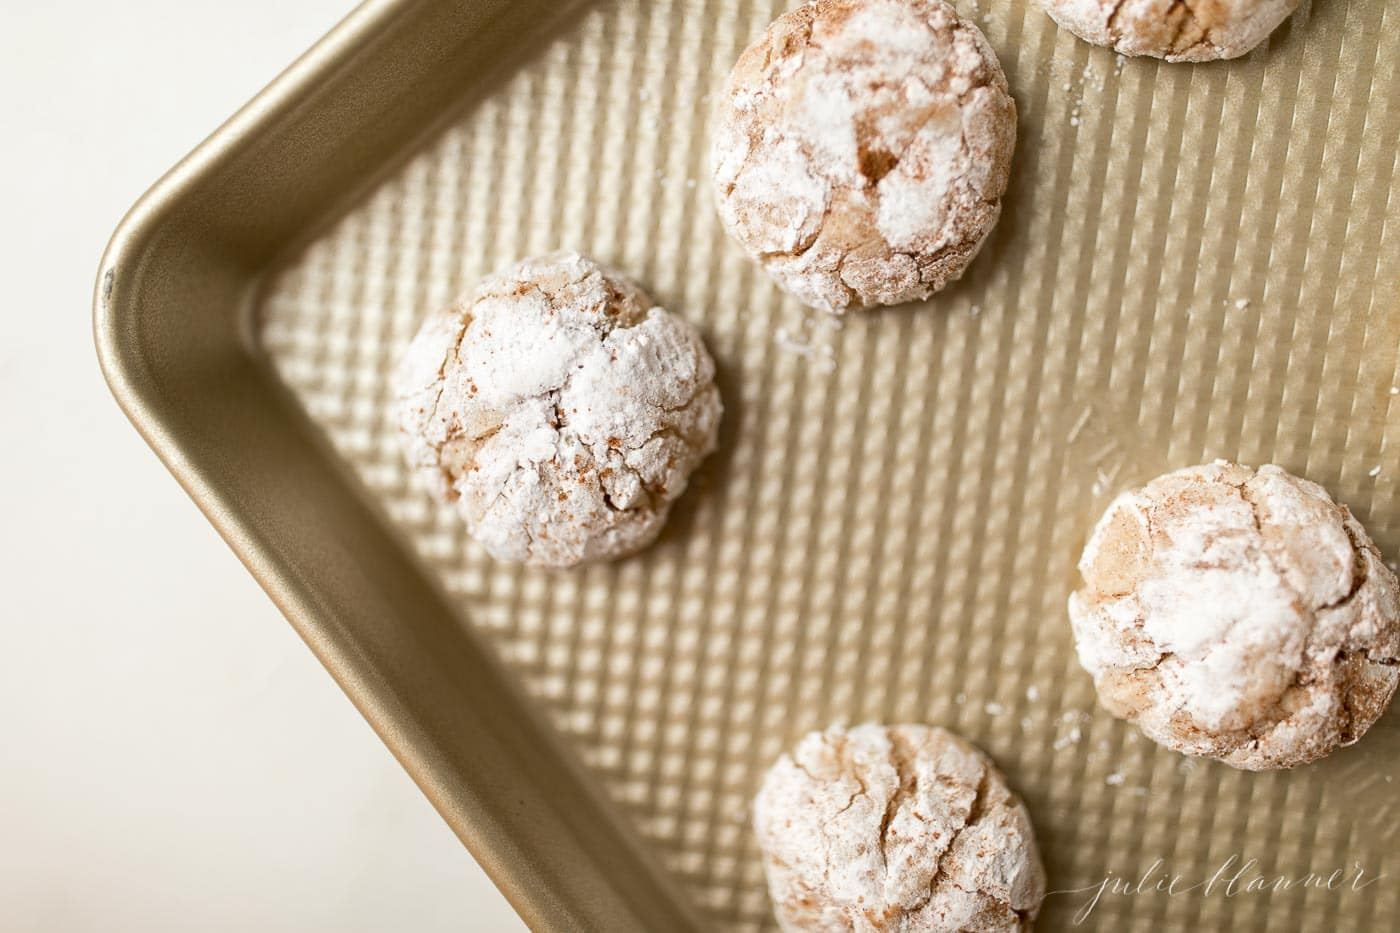 Top shot of gooey butter eggnog cookies on a baking sheet